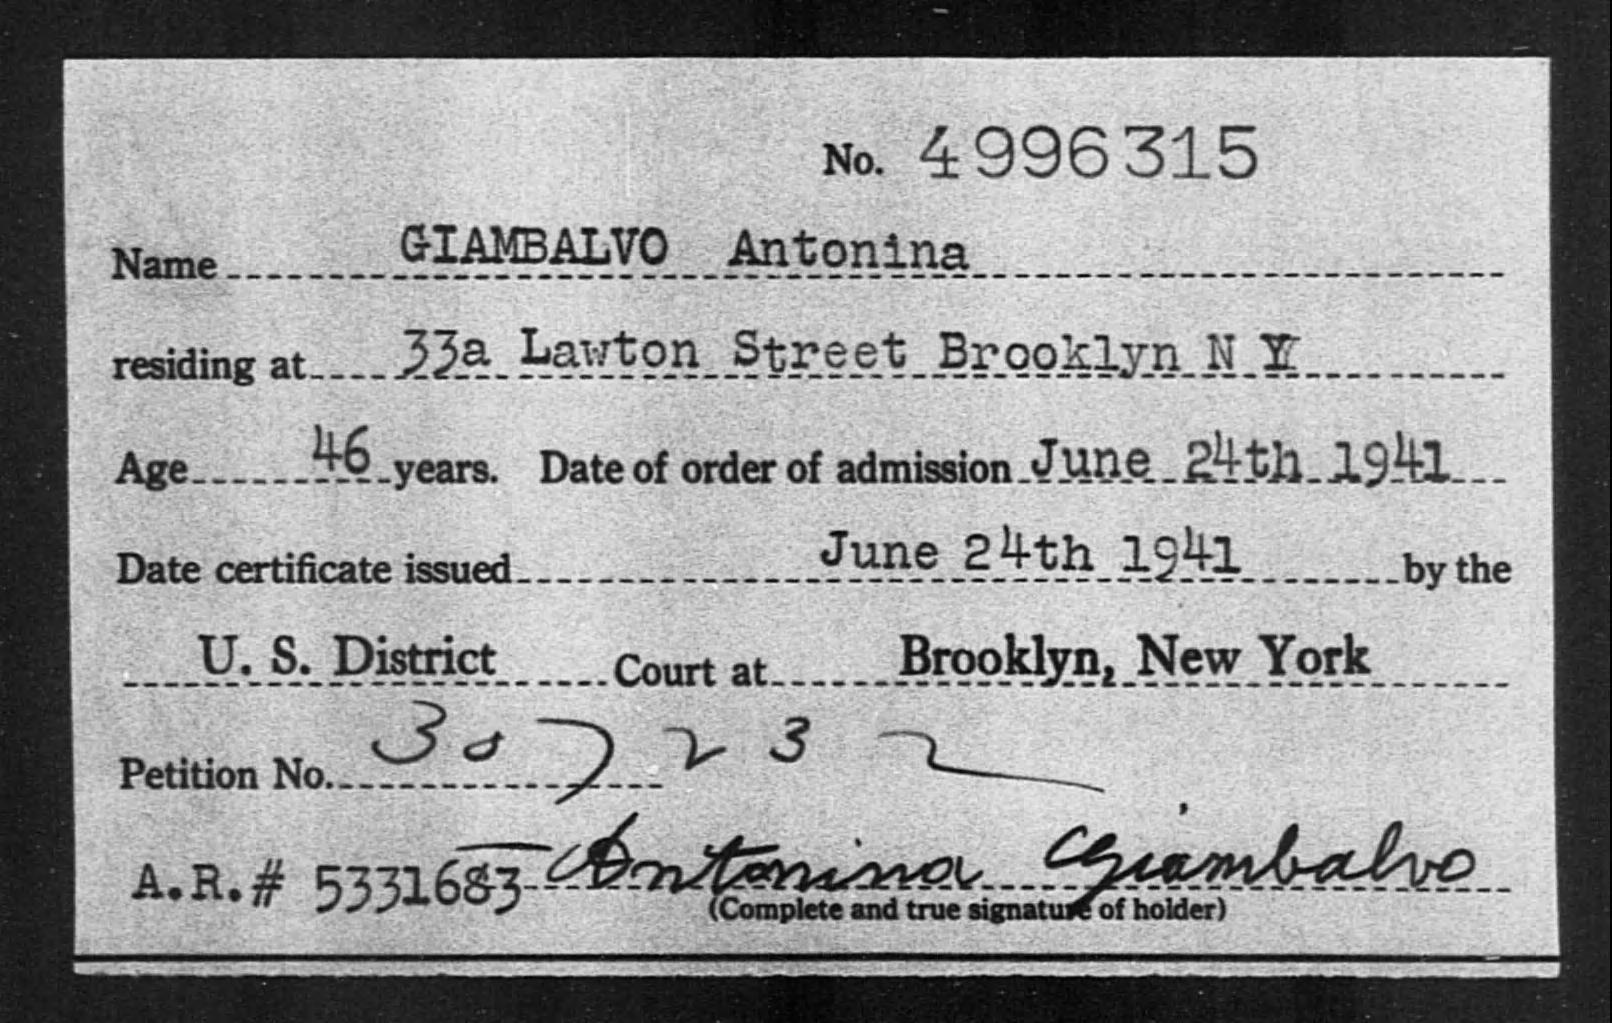 GIAMBALVO Antonina - Born: [BLANK], Naturalized: 1941